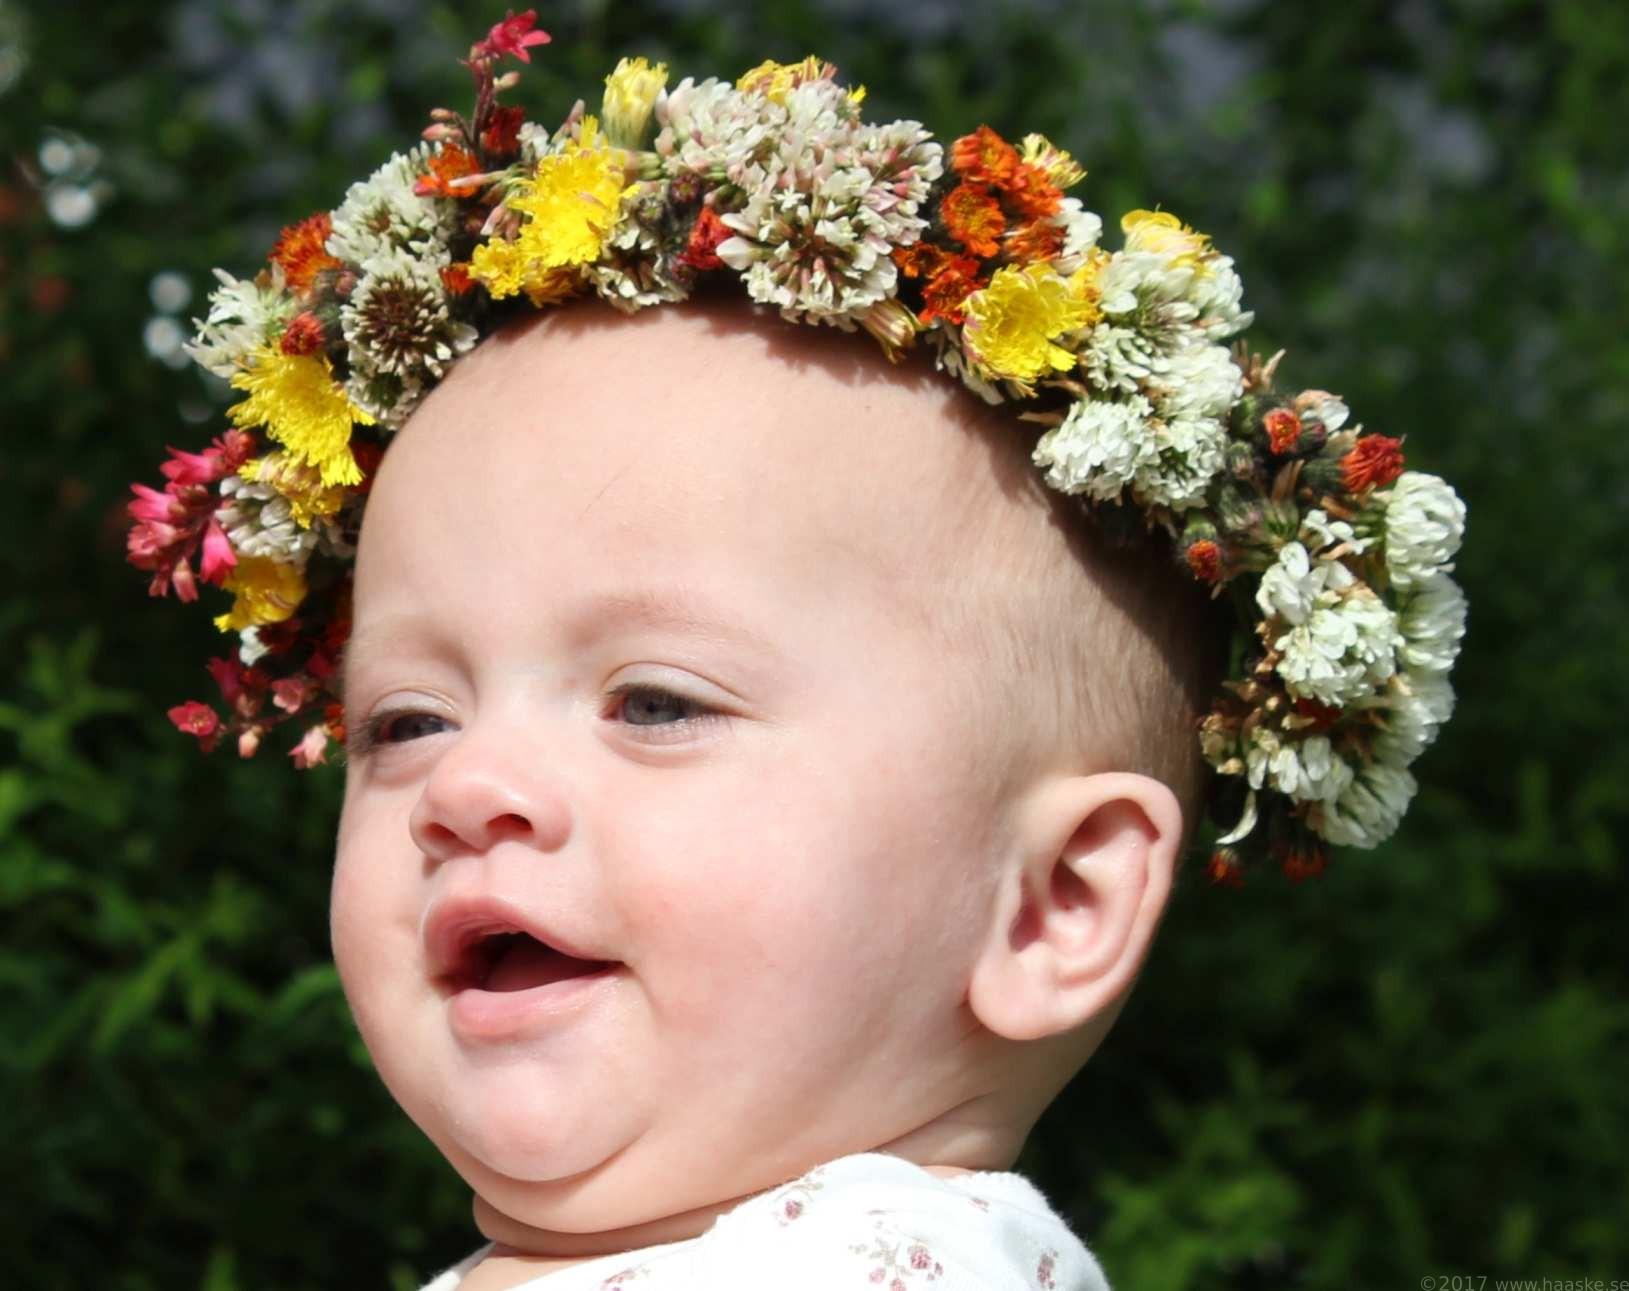 Beställa blomsterkrans till håret